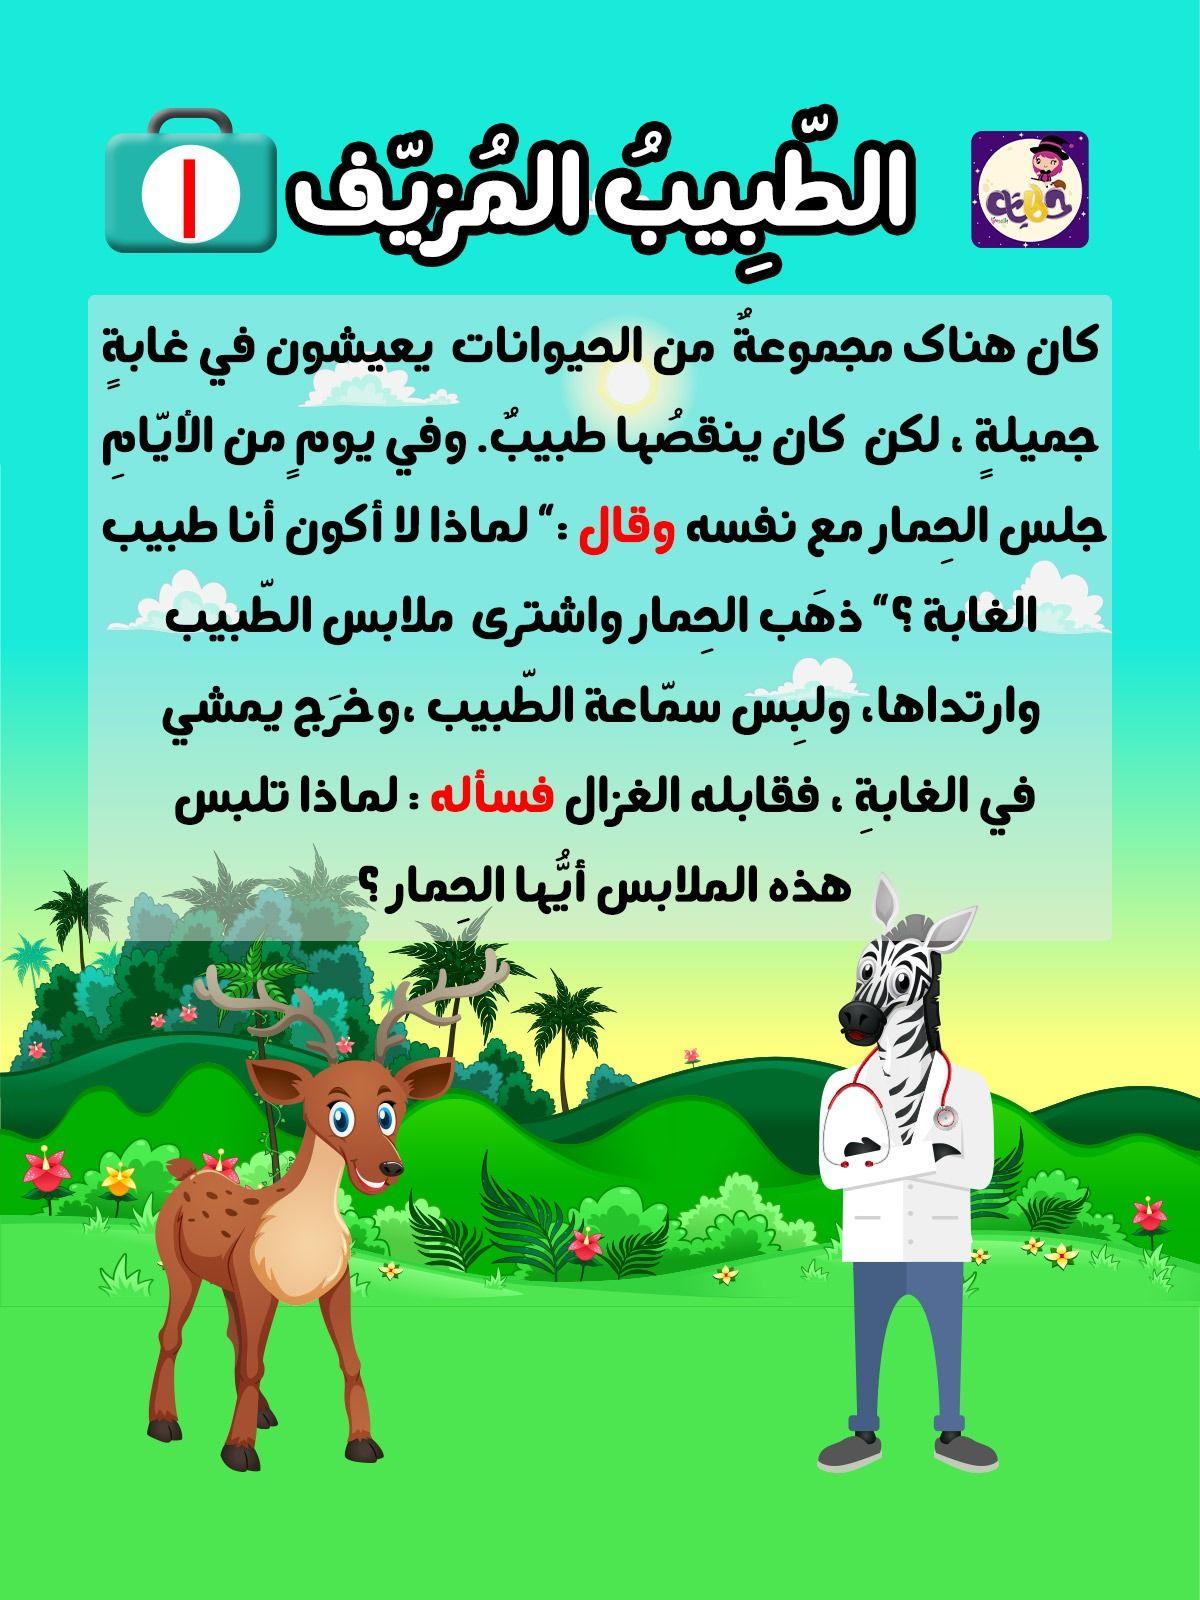 قصة الطبيب المزيف قصص خيالية للاطفال قبل النوم تطبيق قصص وحكايات بالعربي Arabic Kids Stories For Kids Kids